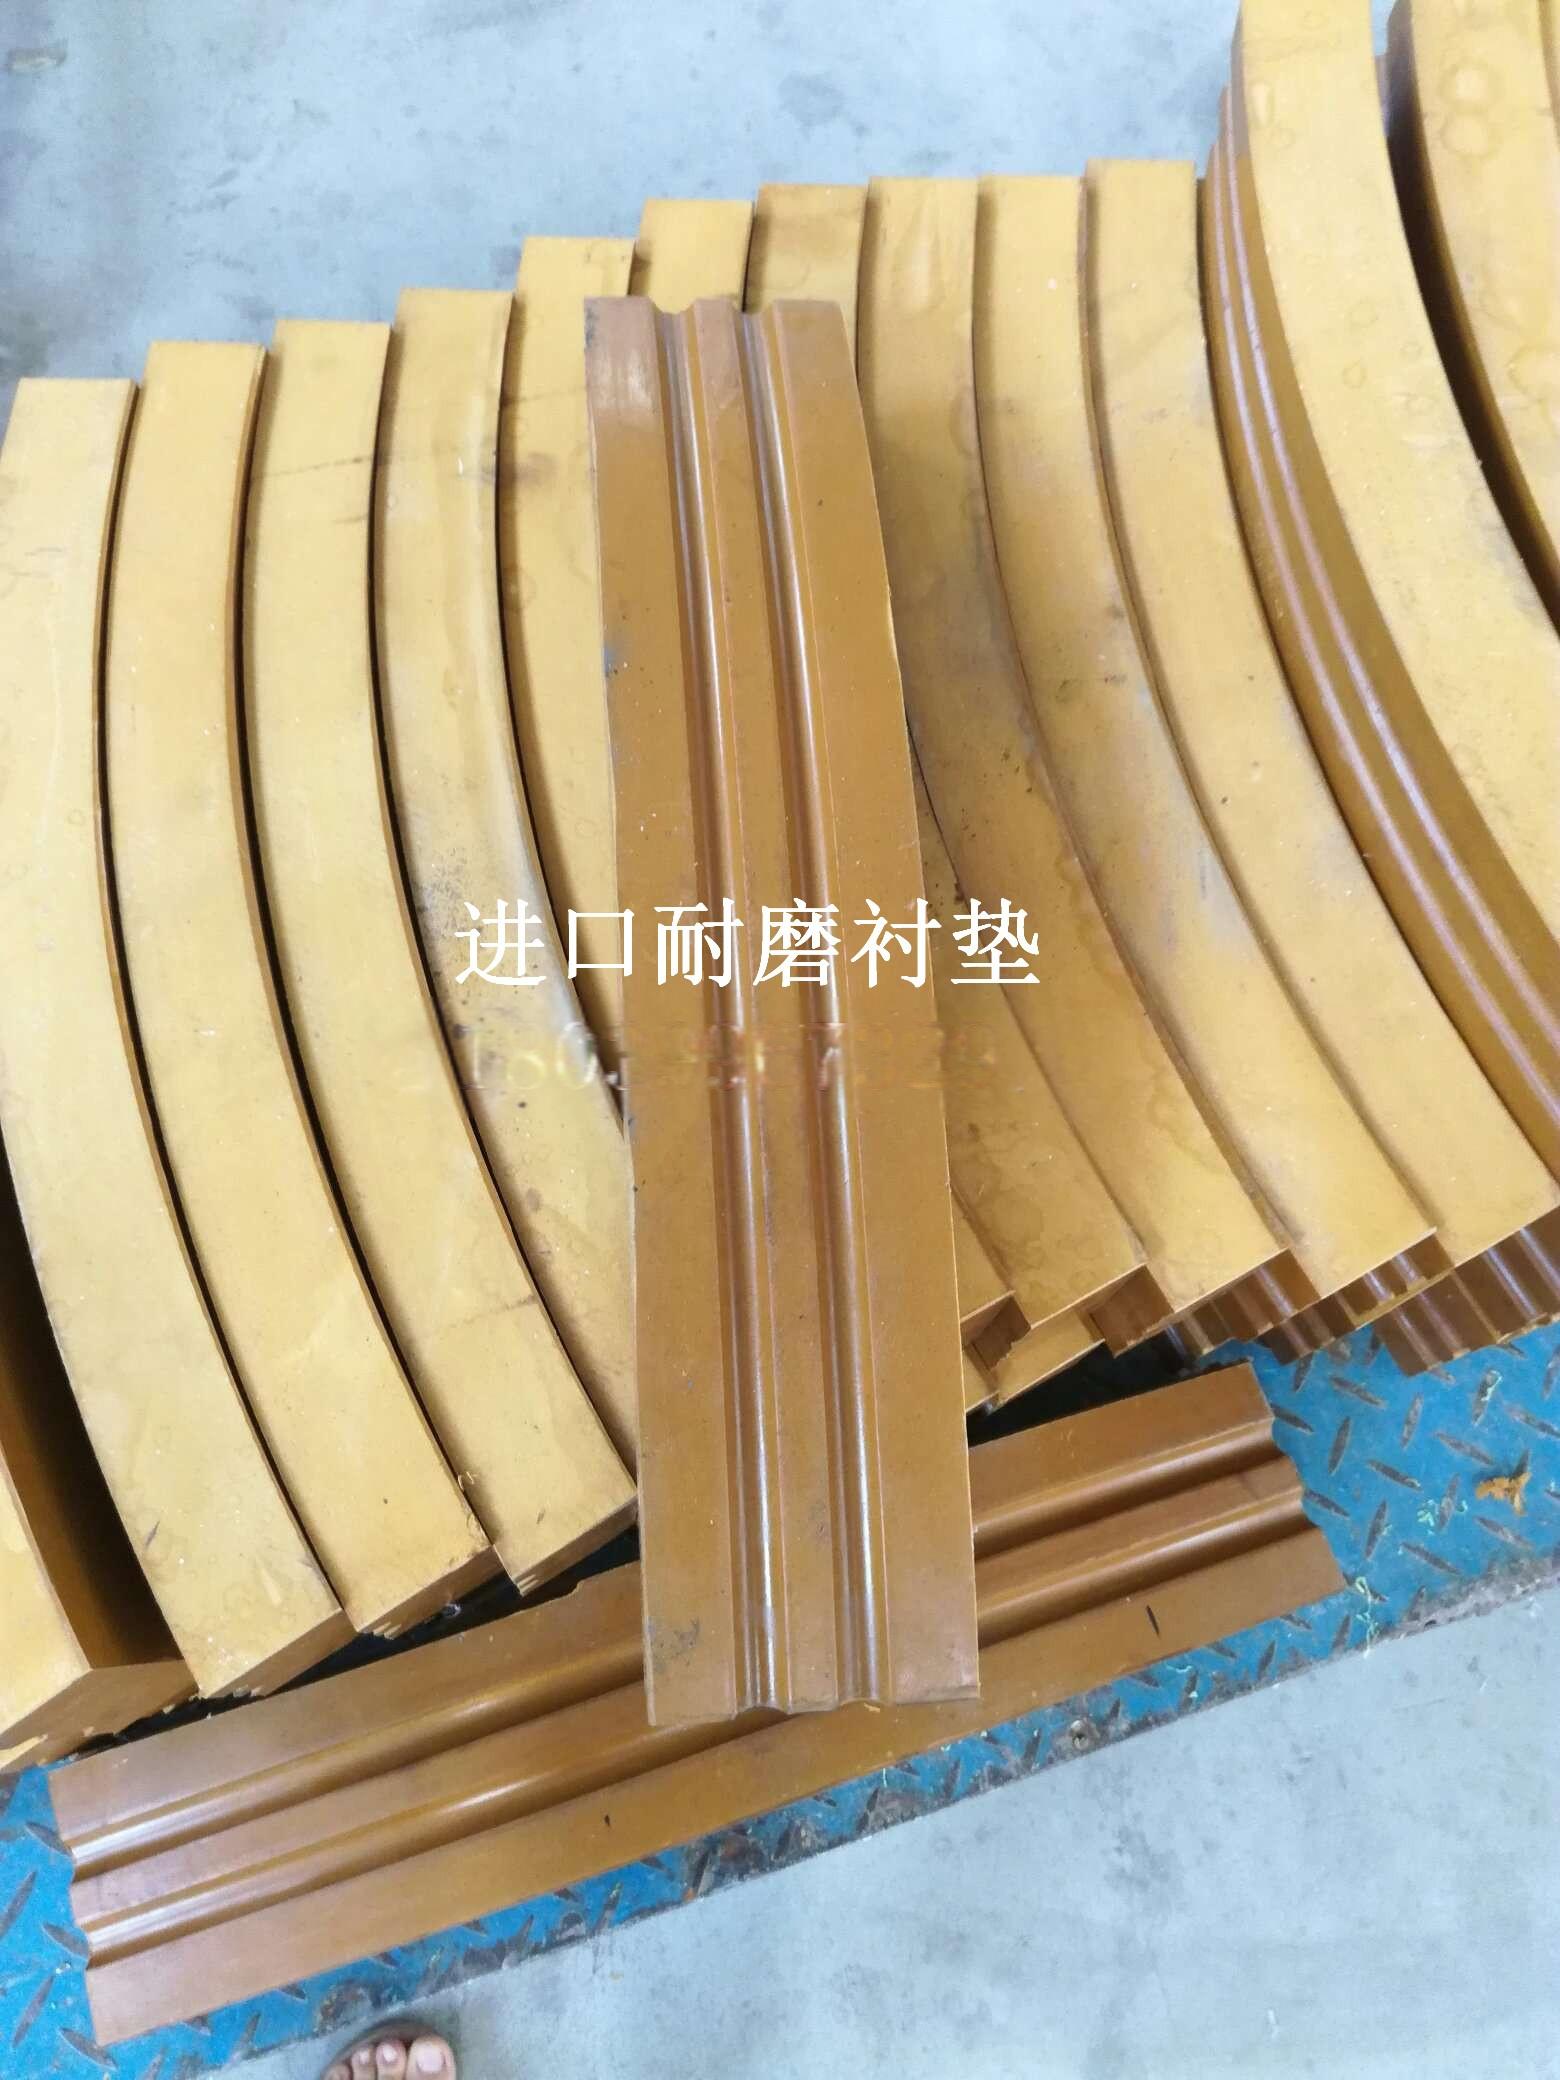 钢厂钢缆机活套车绳轮衬套专用衬垫耐磨进口材质43629132